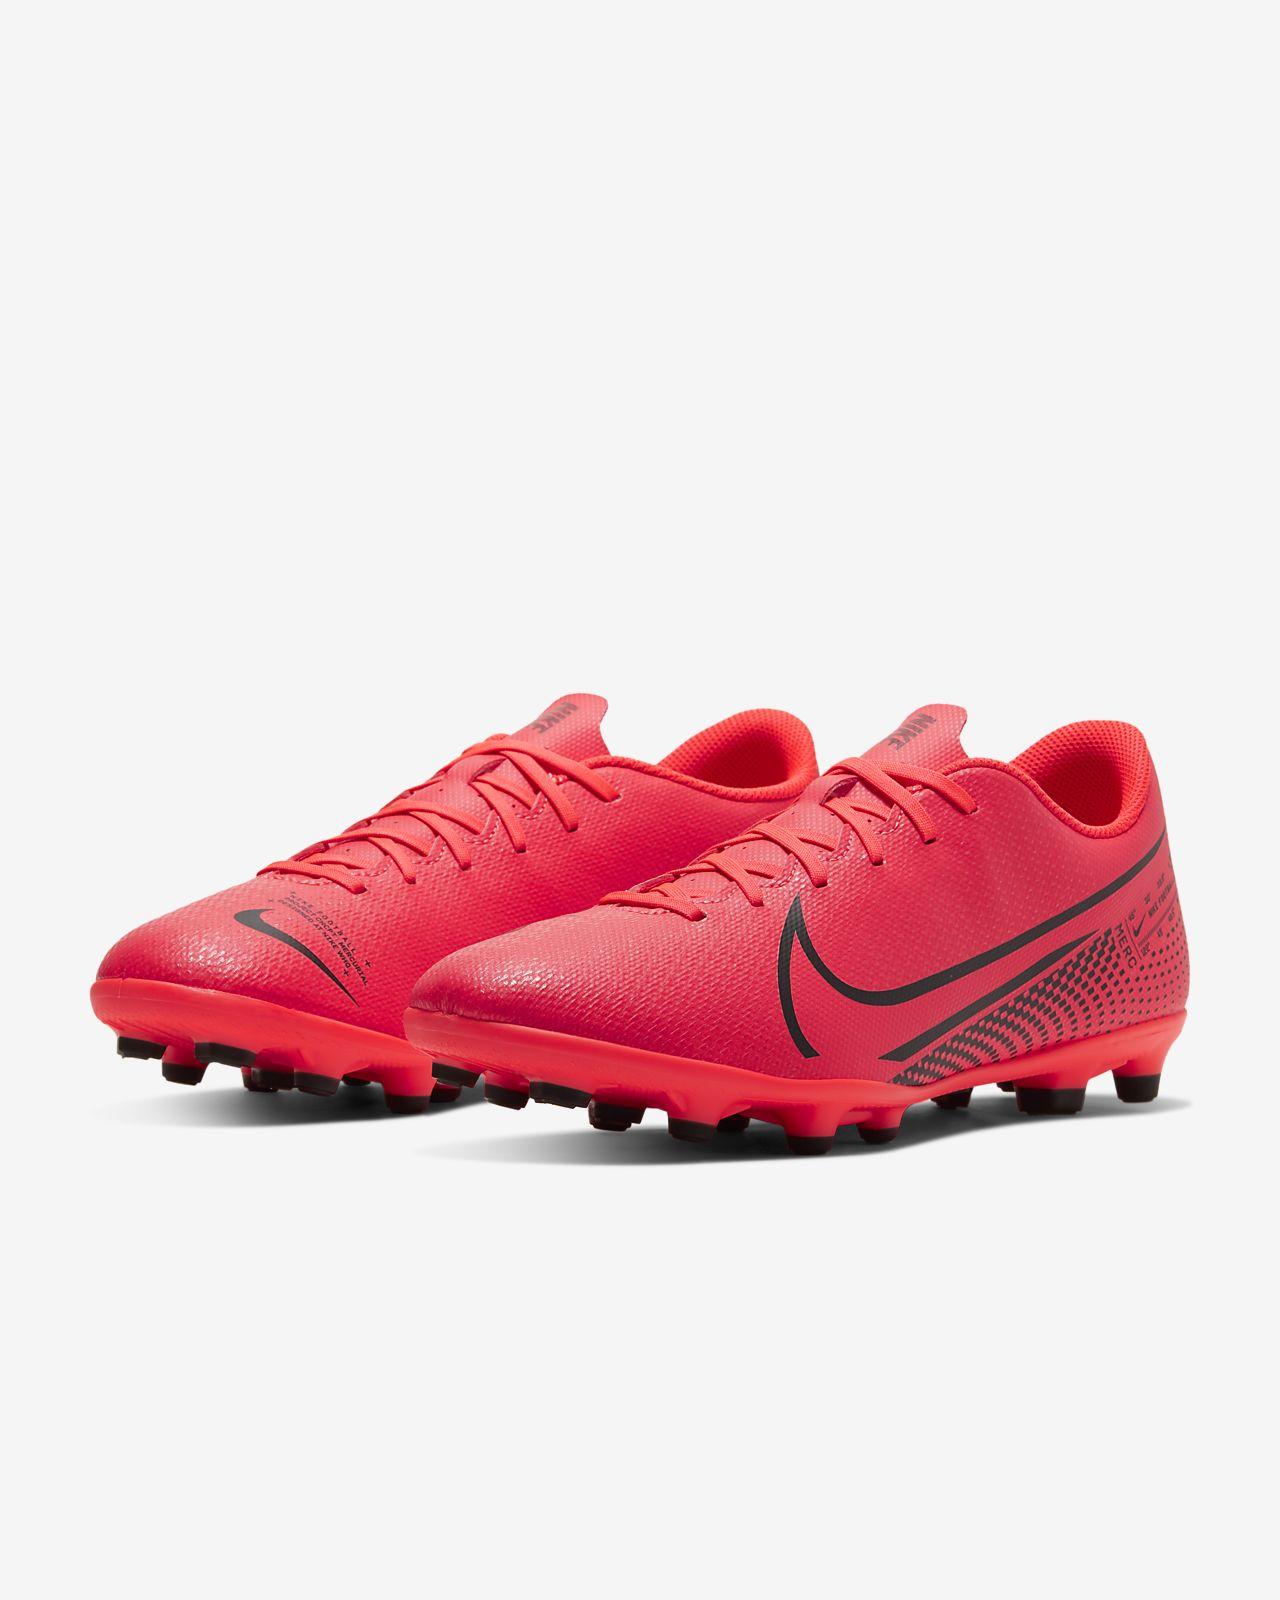 Køb Billige Nike Mercurial Vapor Fotballsko Til Barn